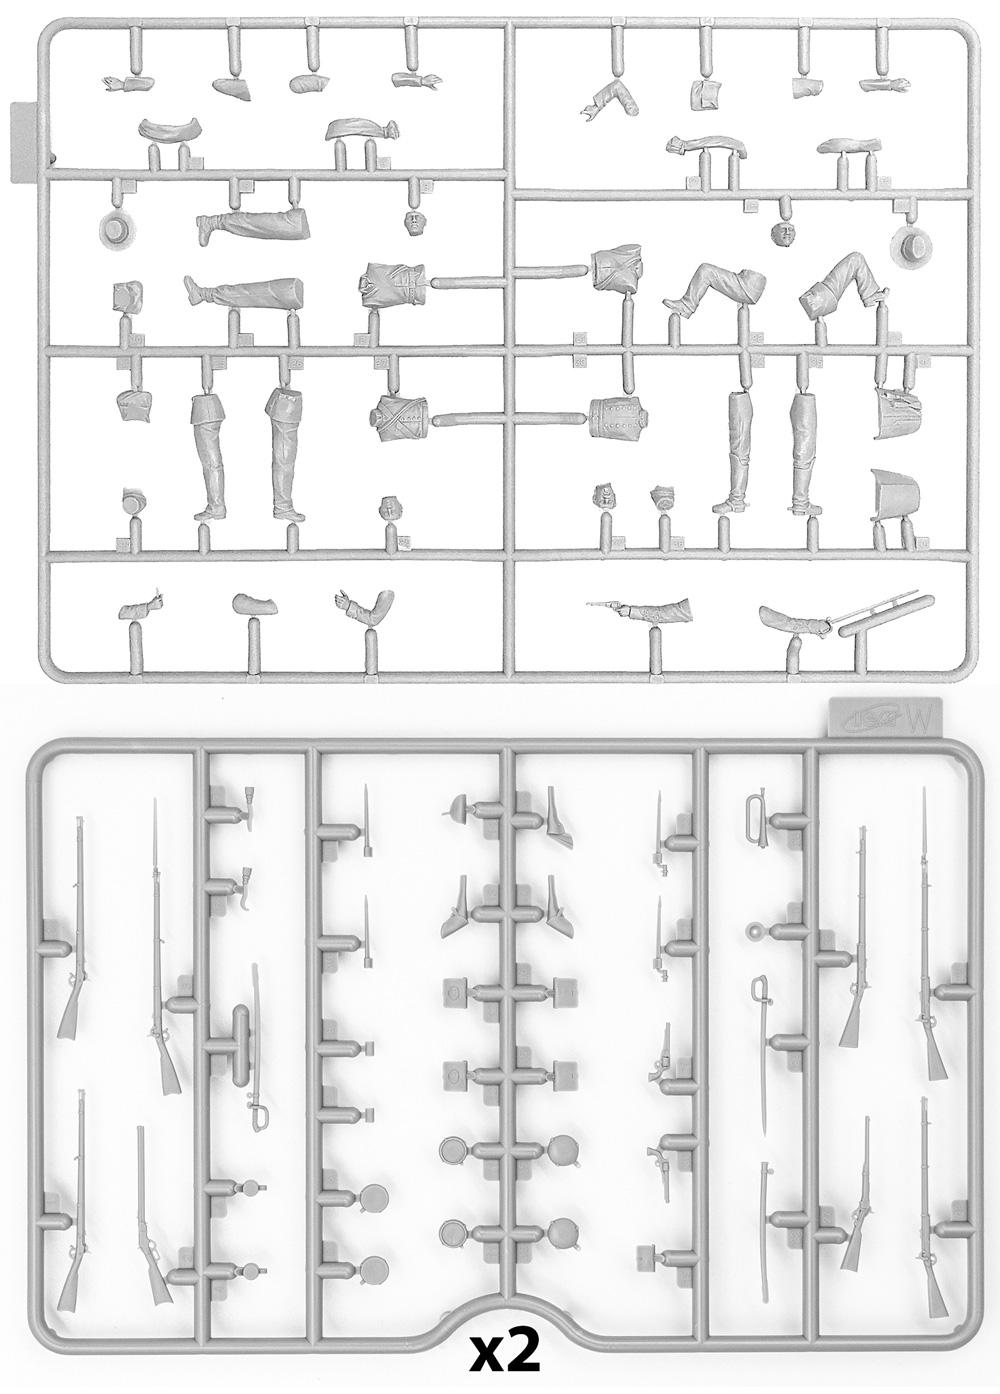 アメリカ 南北戦争 南軍歩兵プラモデル(ICM1/35 ミリタリービークル・フィギュアNo.35021)商品画像_1